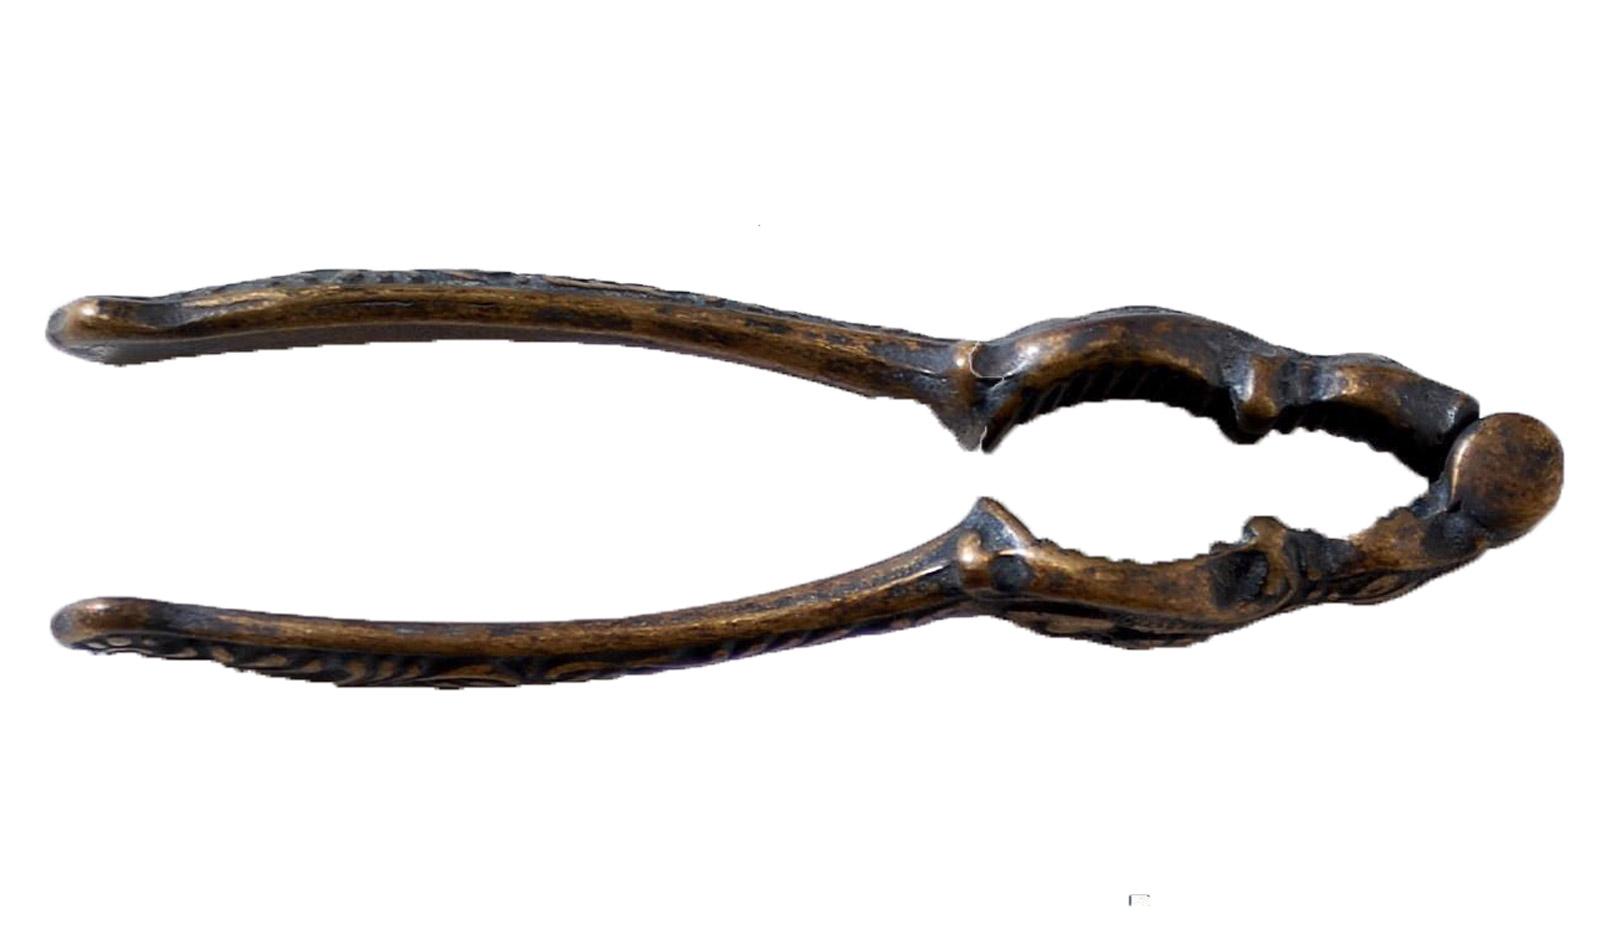 Καρυοθραύστης Αντικέ-Μπρούτζινος Royal Art 16εκ. STL388BR (Υλικό: Μπρούτζινο) – Royal Art Collection – STL388BR